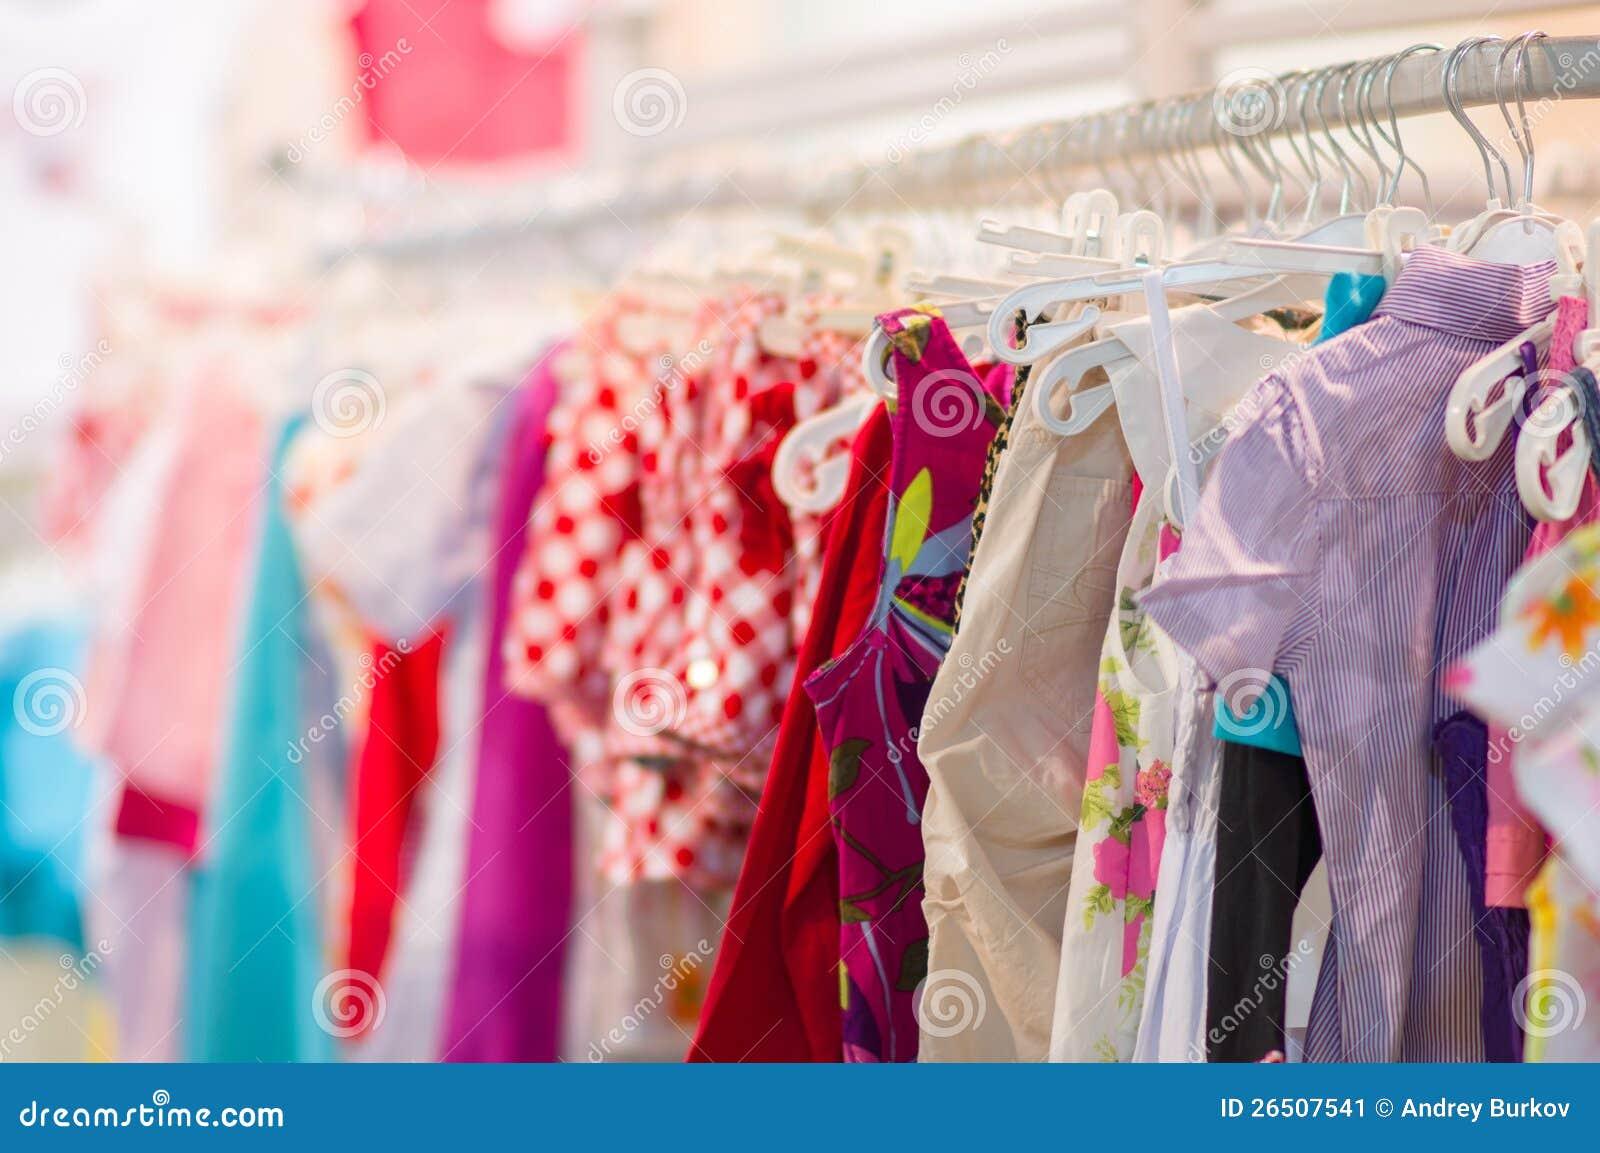 Variedade de camisas, calças, vestidos na alameda dos miúdos